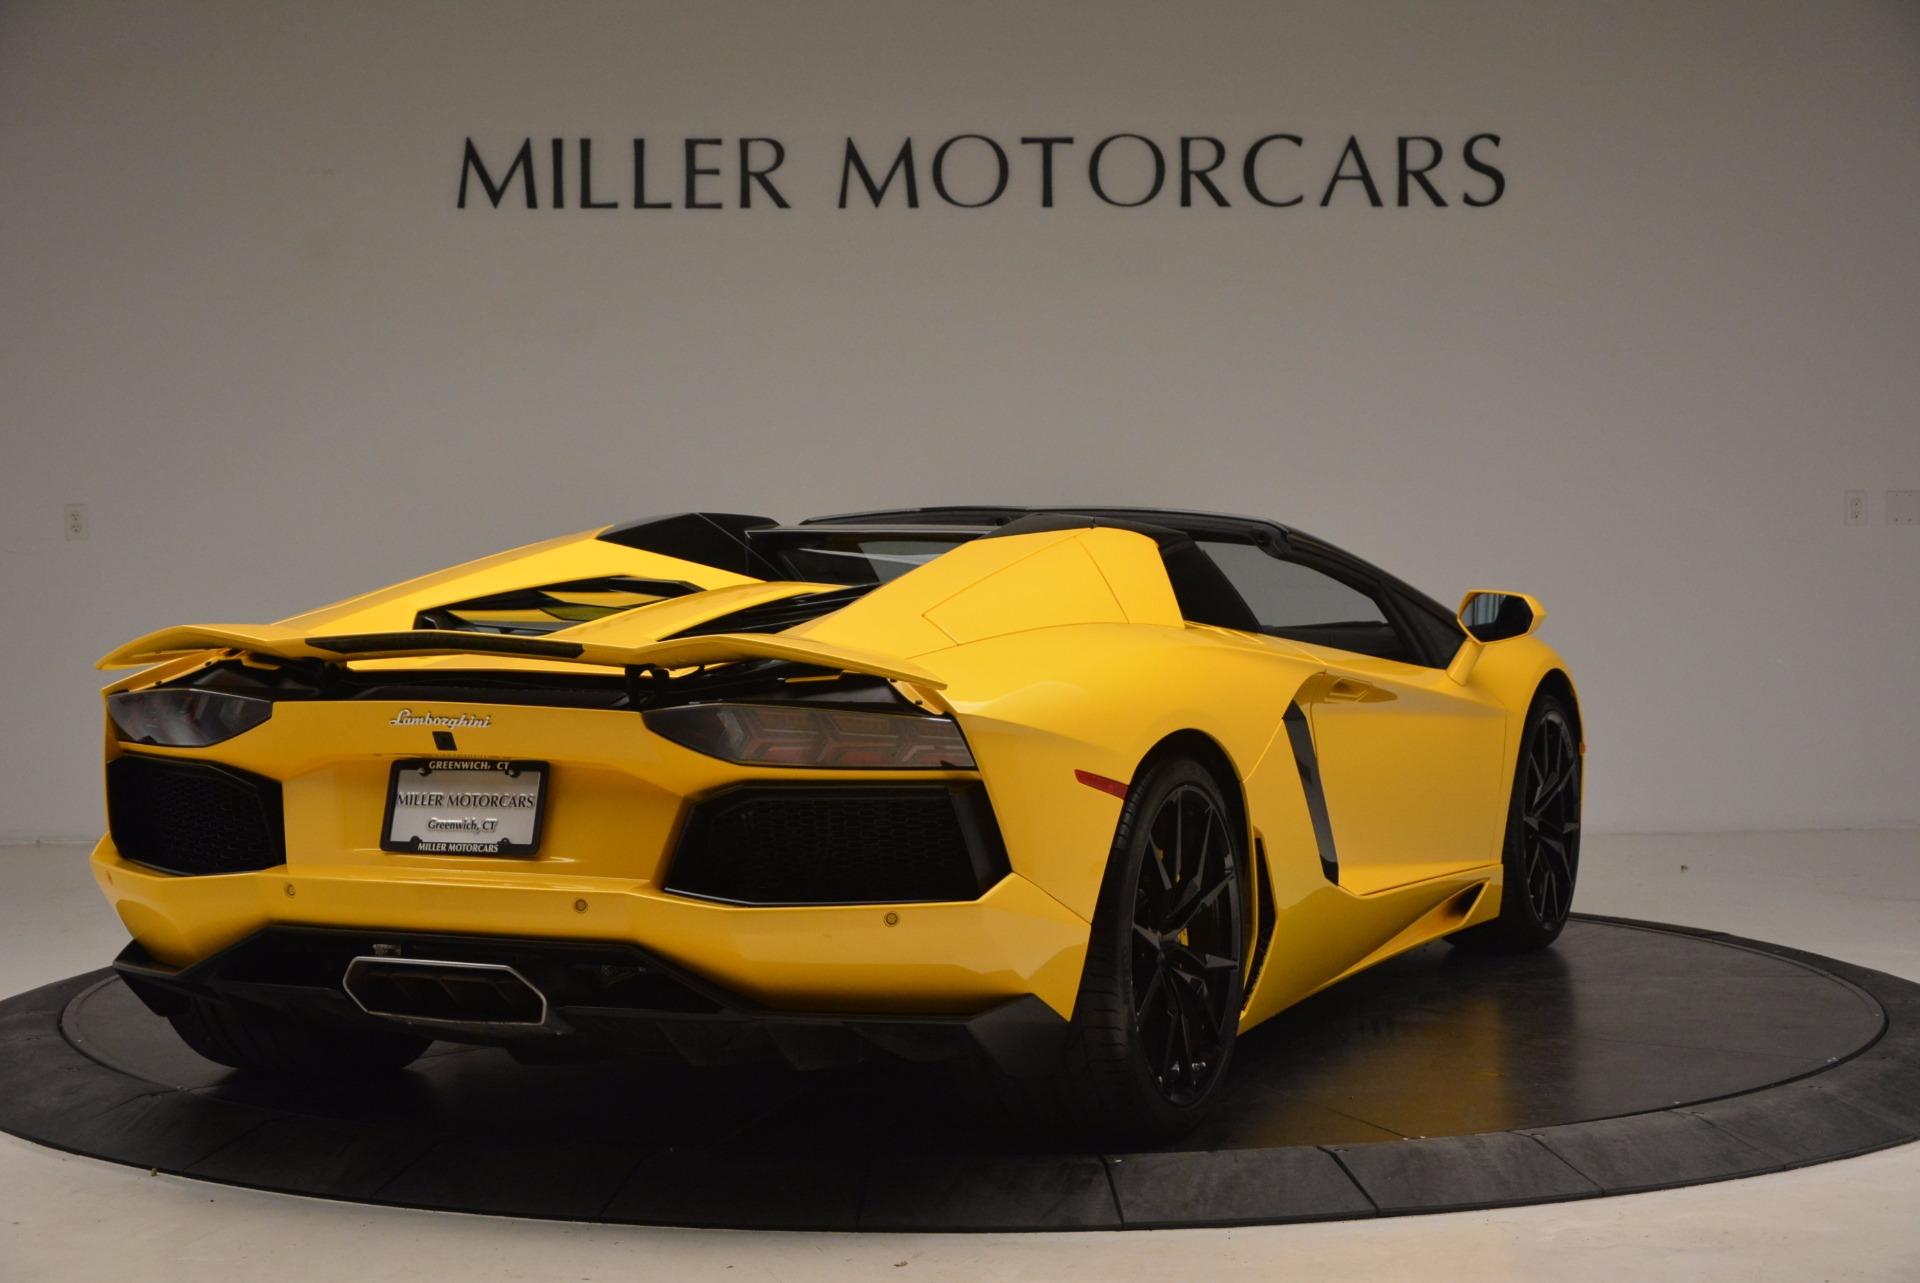 Used 2015 Lamborghini Aventador LP 700-4 Roadster For Sale In Greenwich, CT. Alfa Romeo of Greenwich, 7284 1774_p8